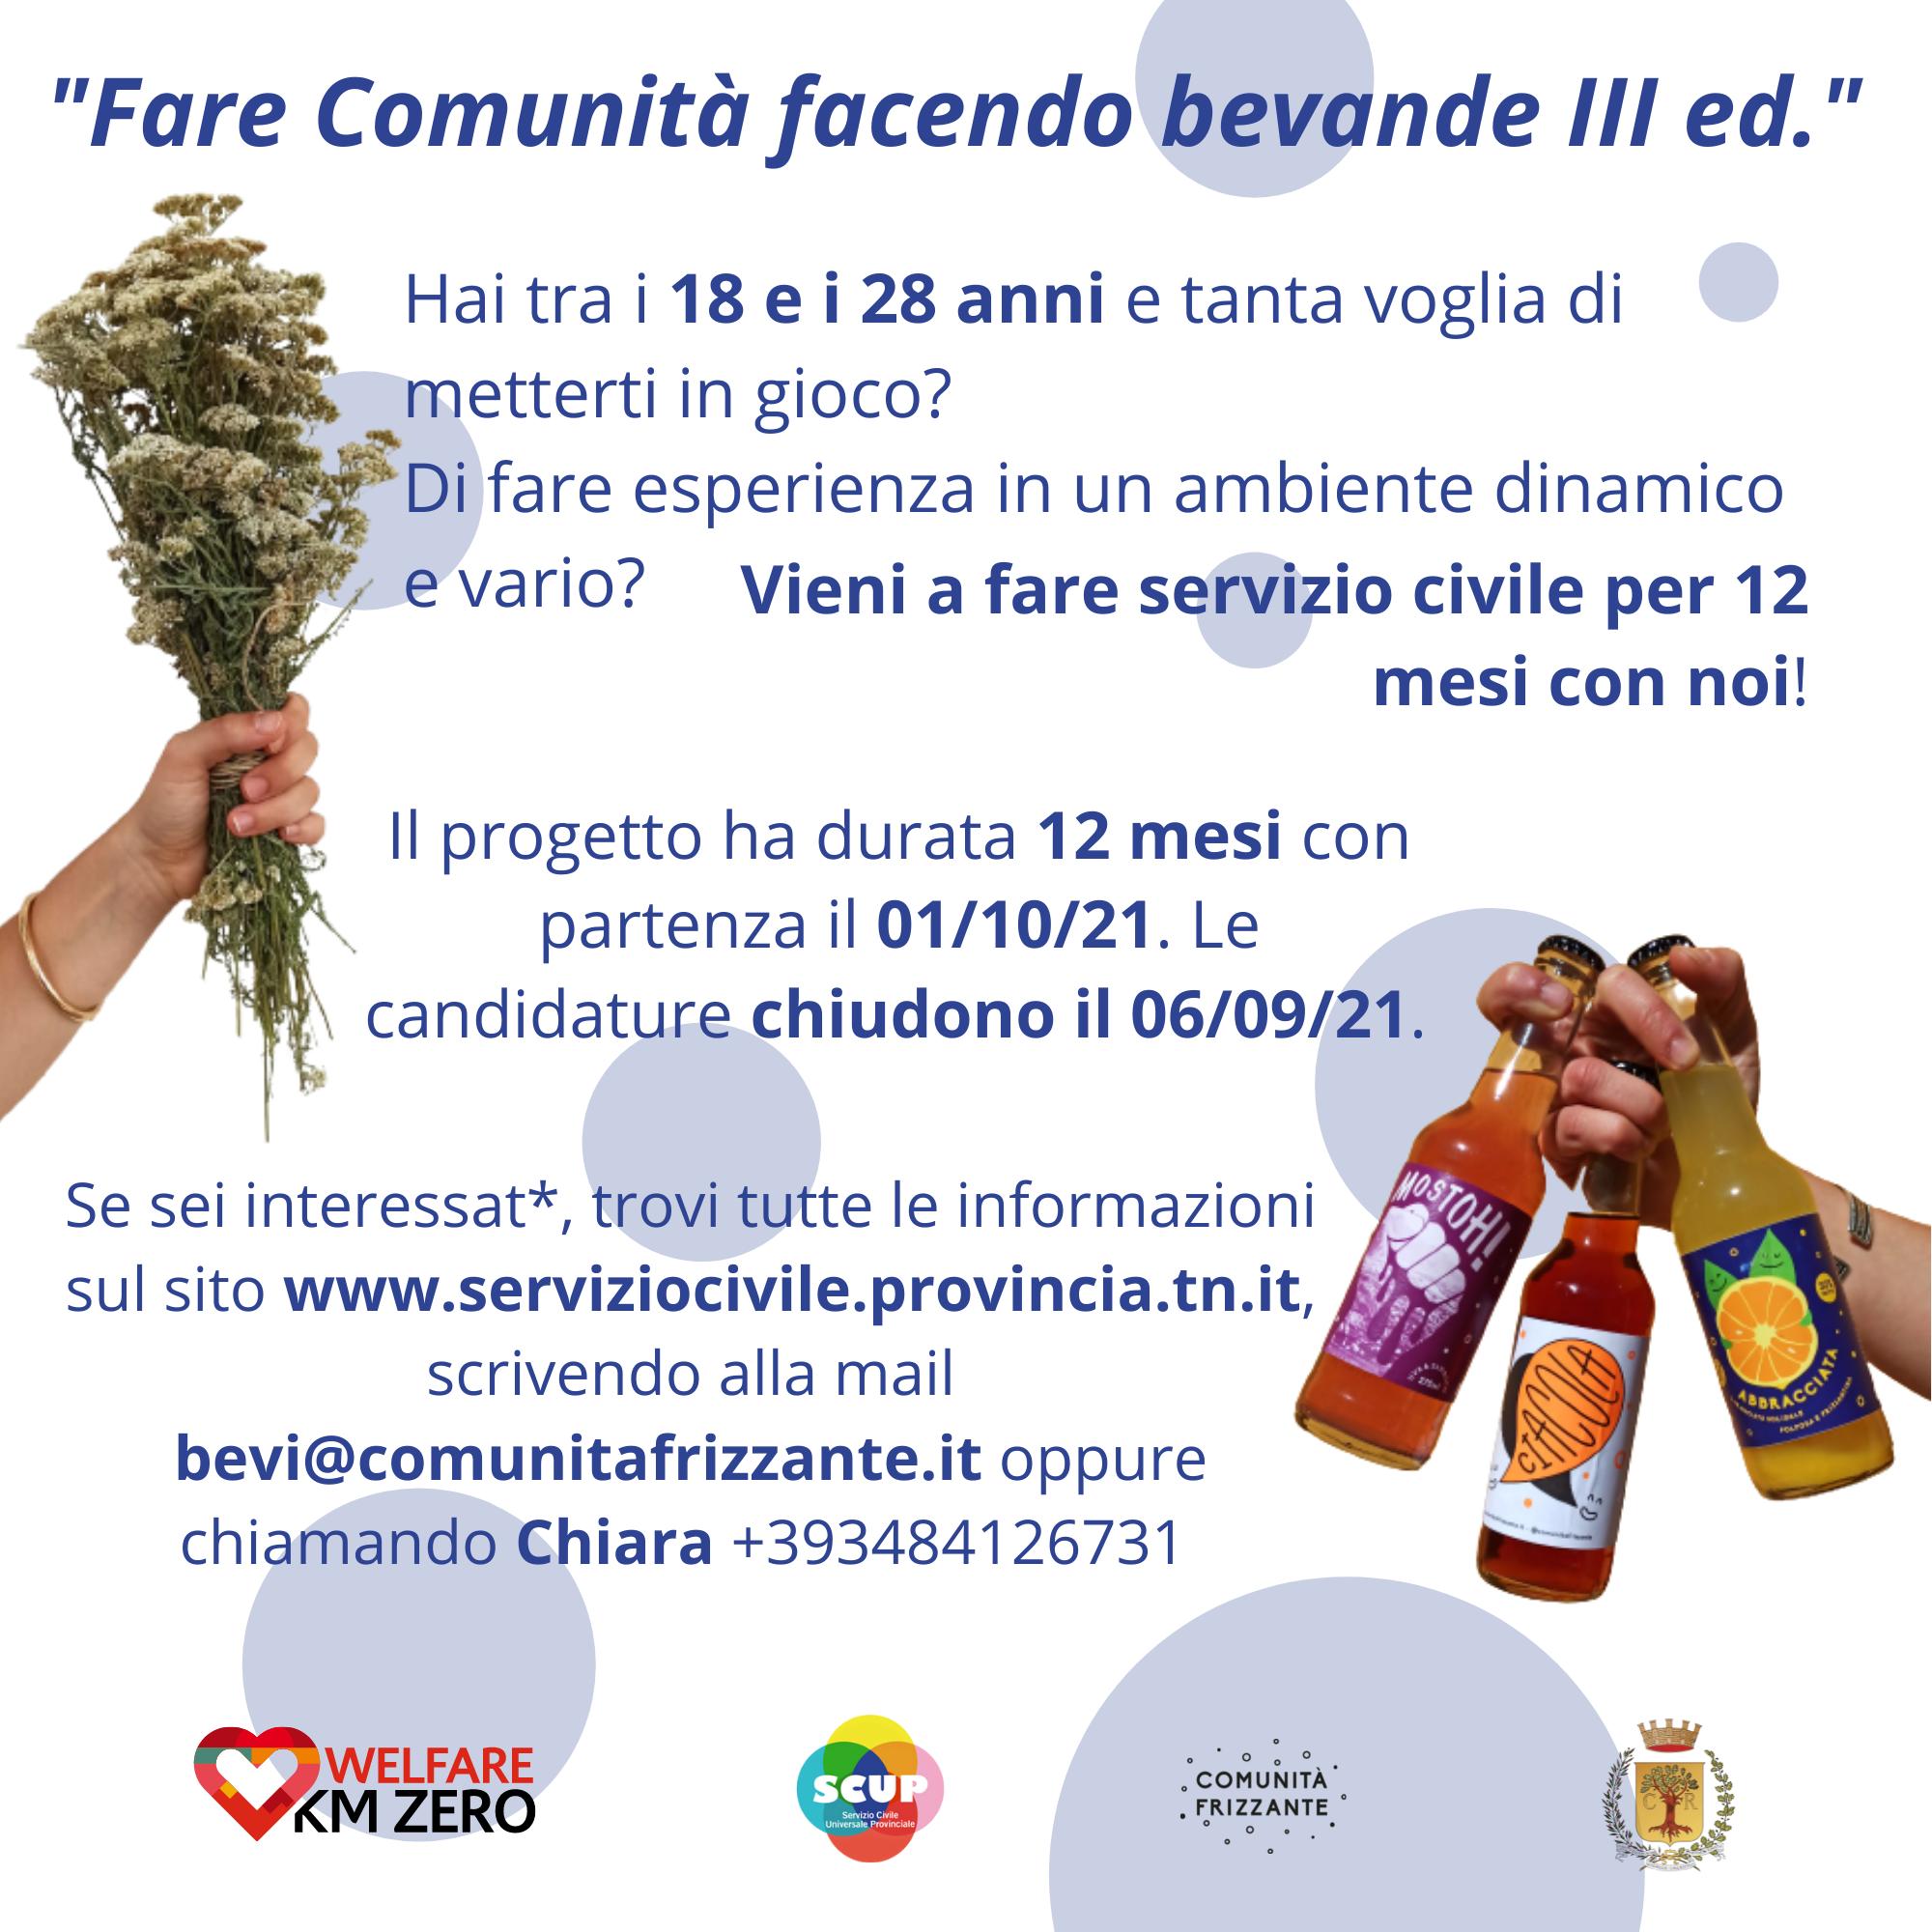 Servizio civile (SCUP) con Comunità Frizzante!